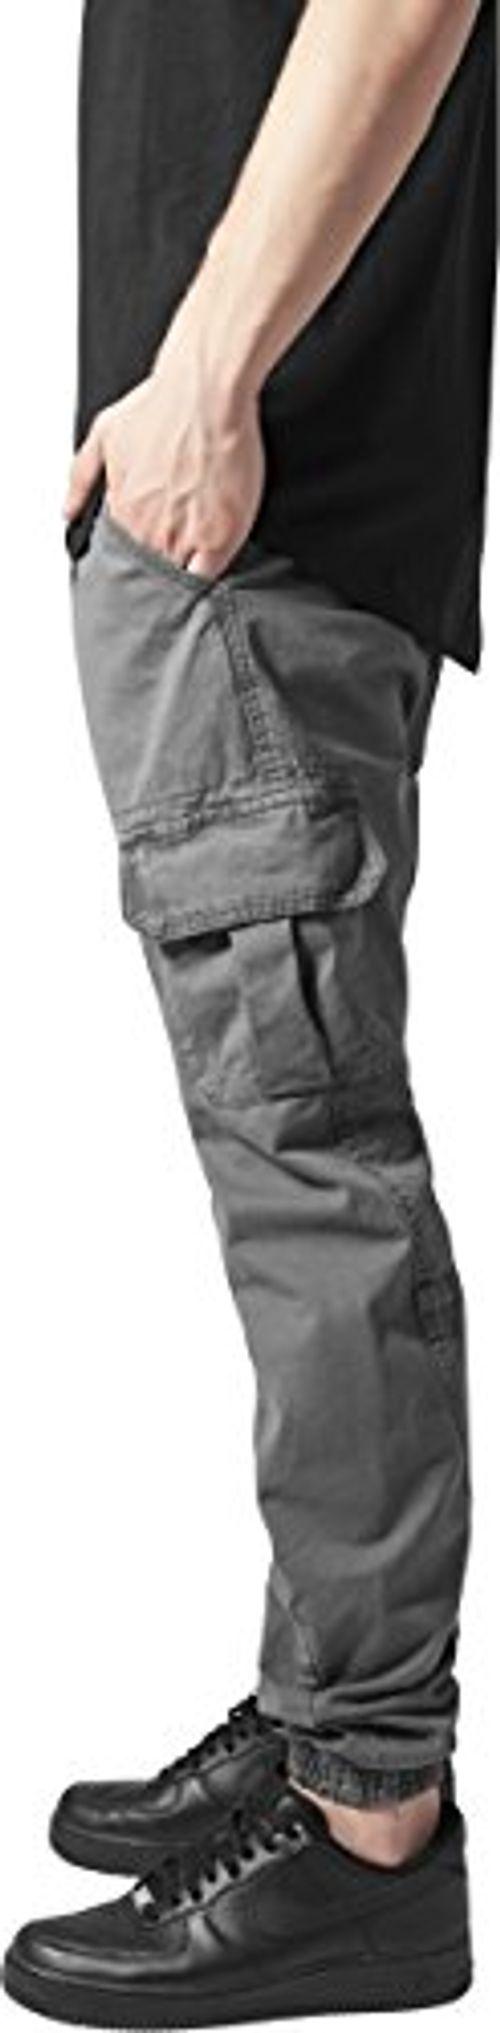 photo Wallpaper of Urban Classics-Urban Classics Herren Hose Cargo Jogging Pants, Darkgrey, 3XL-Darkgrey